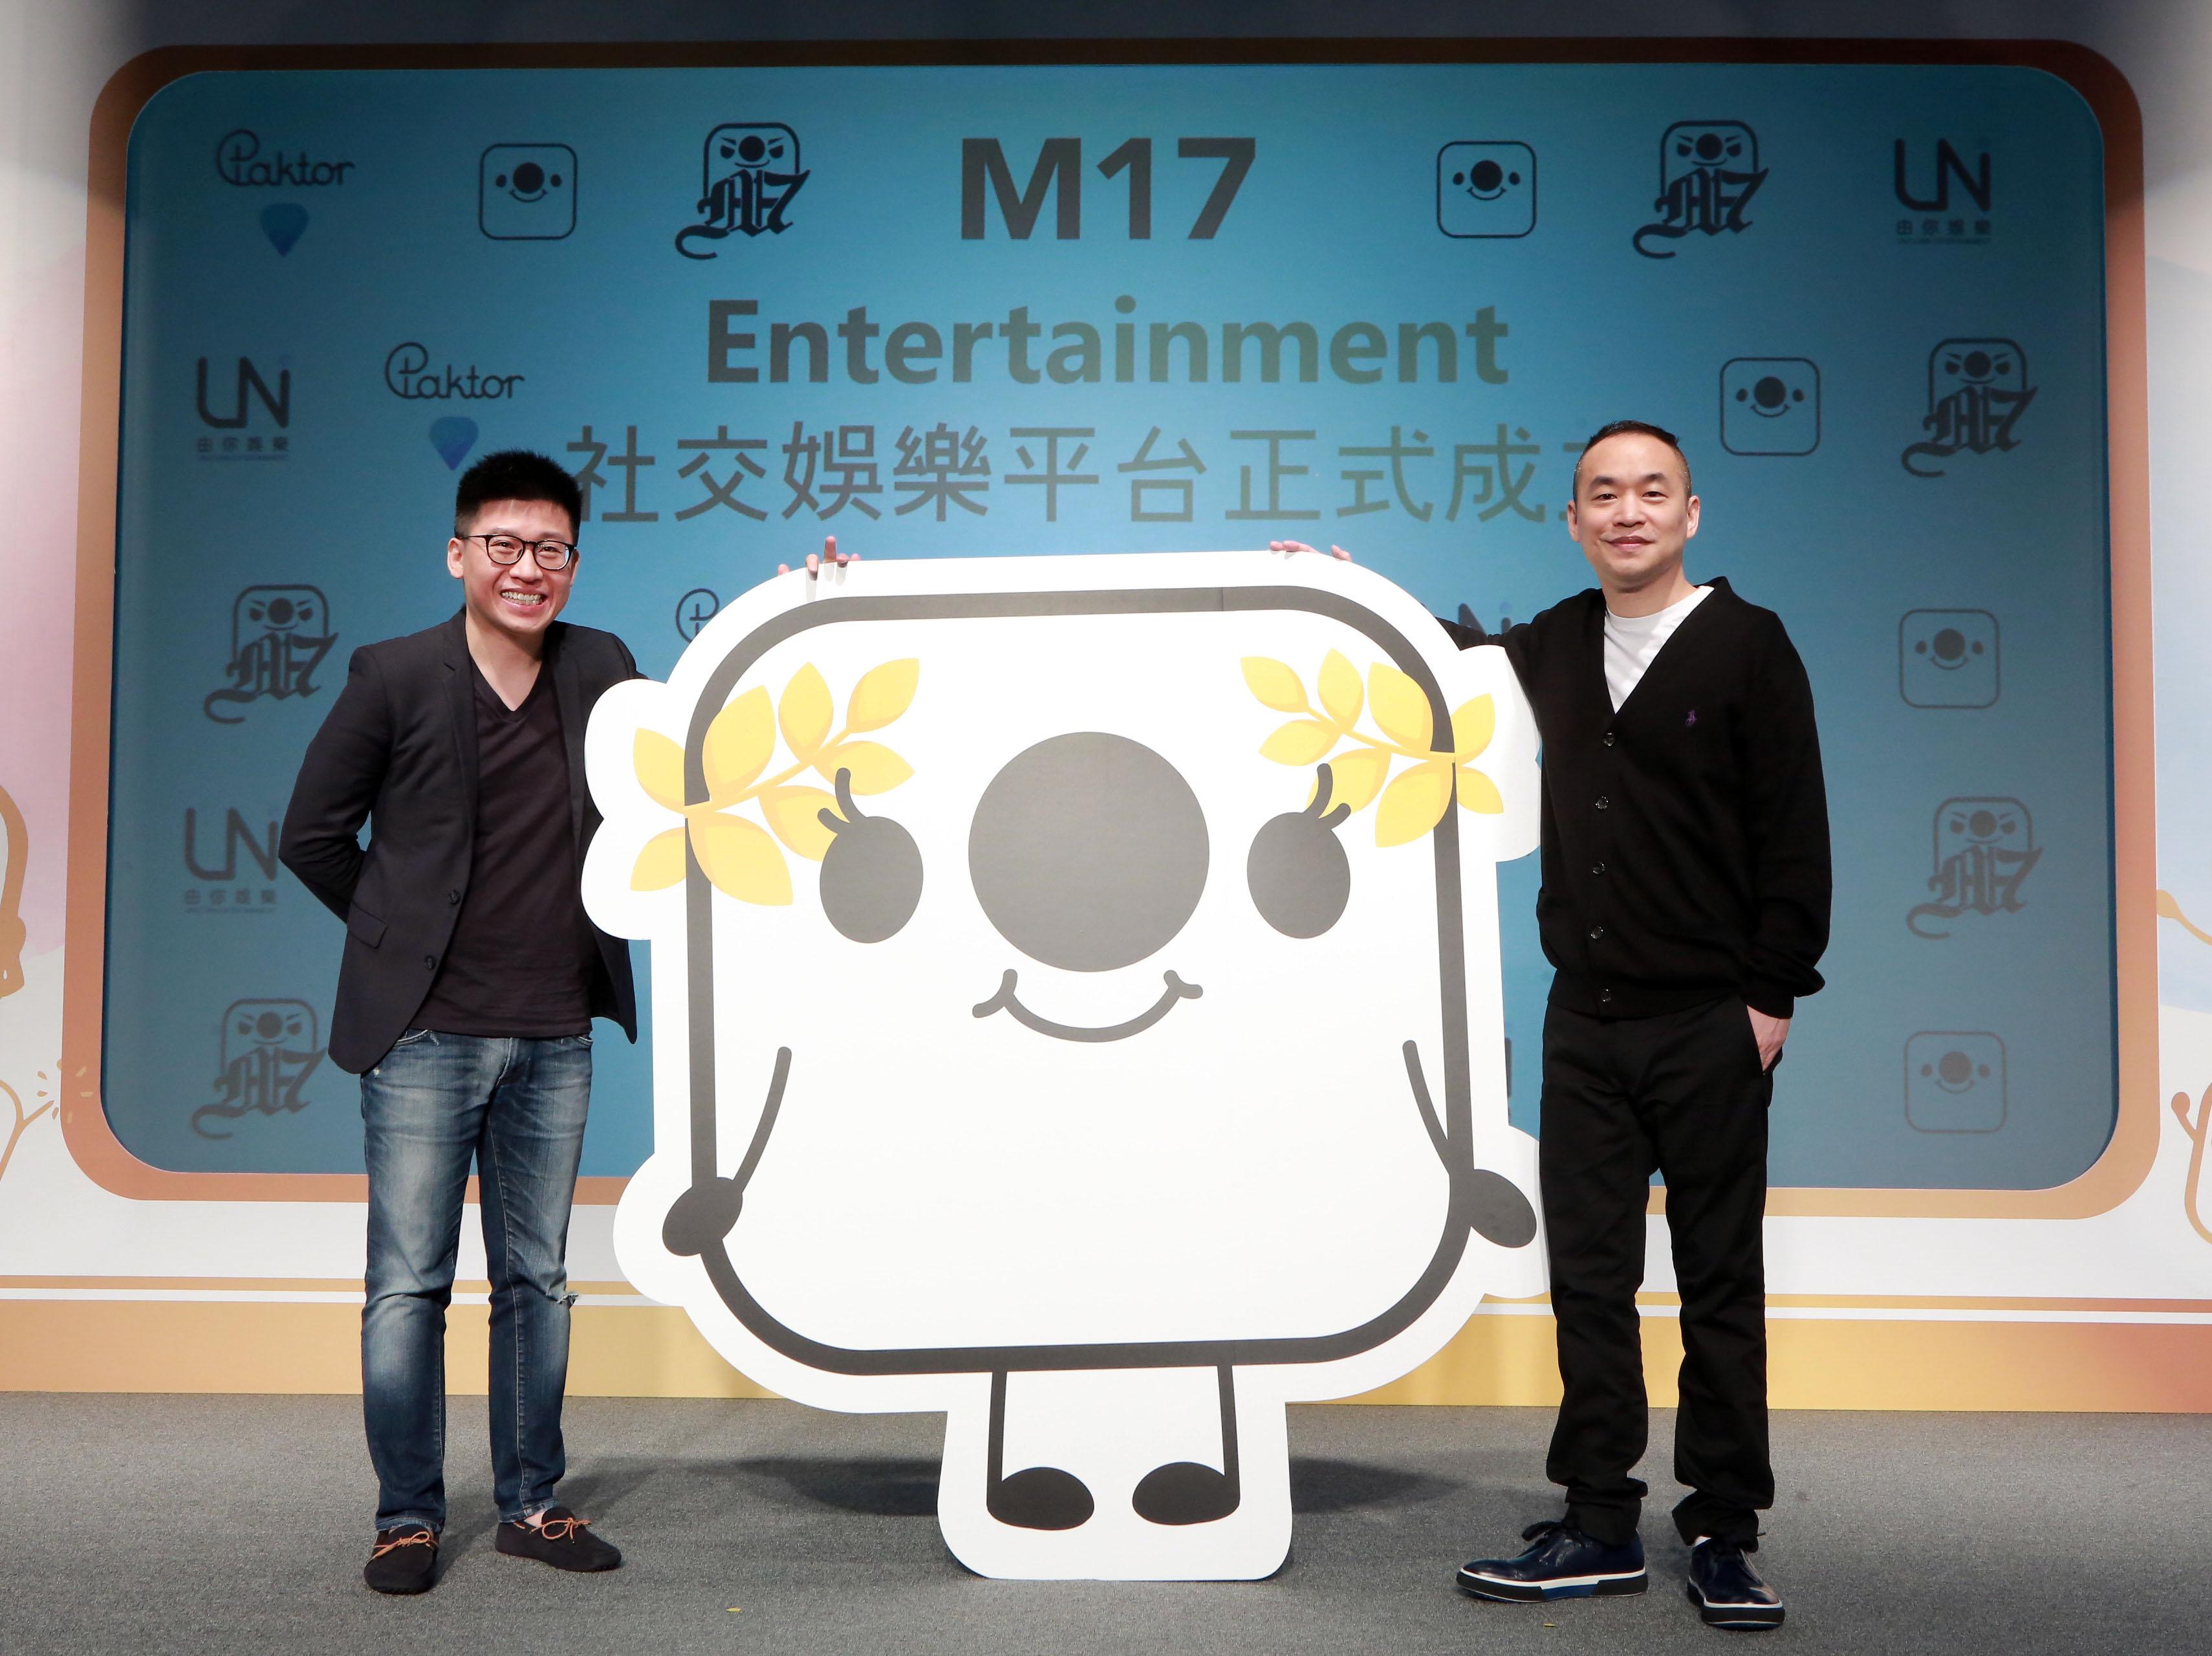 M17Entertainment匯集海內外資源再創社交娛樂產業巔峰 舉辦「直播金羽獎」體現整合資源之決心